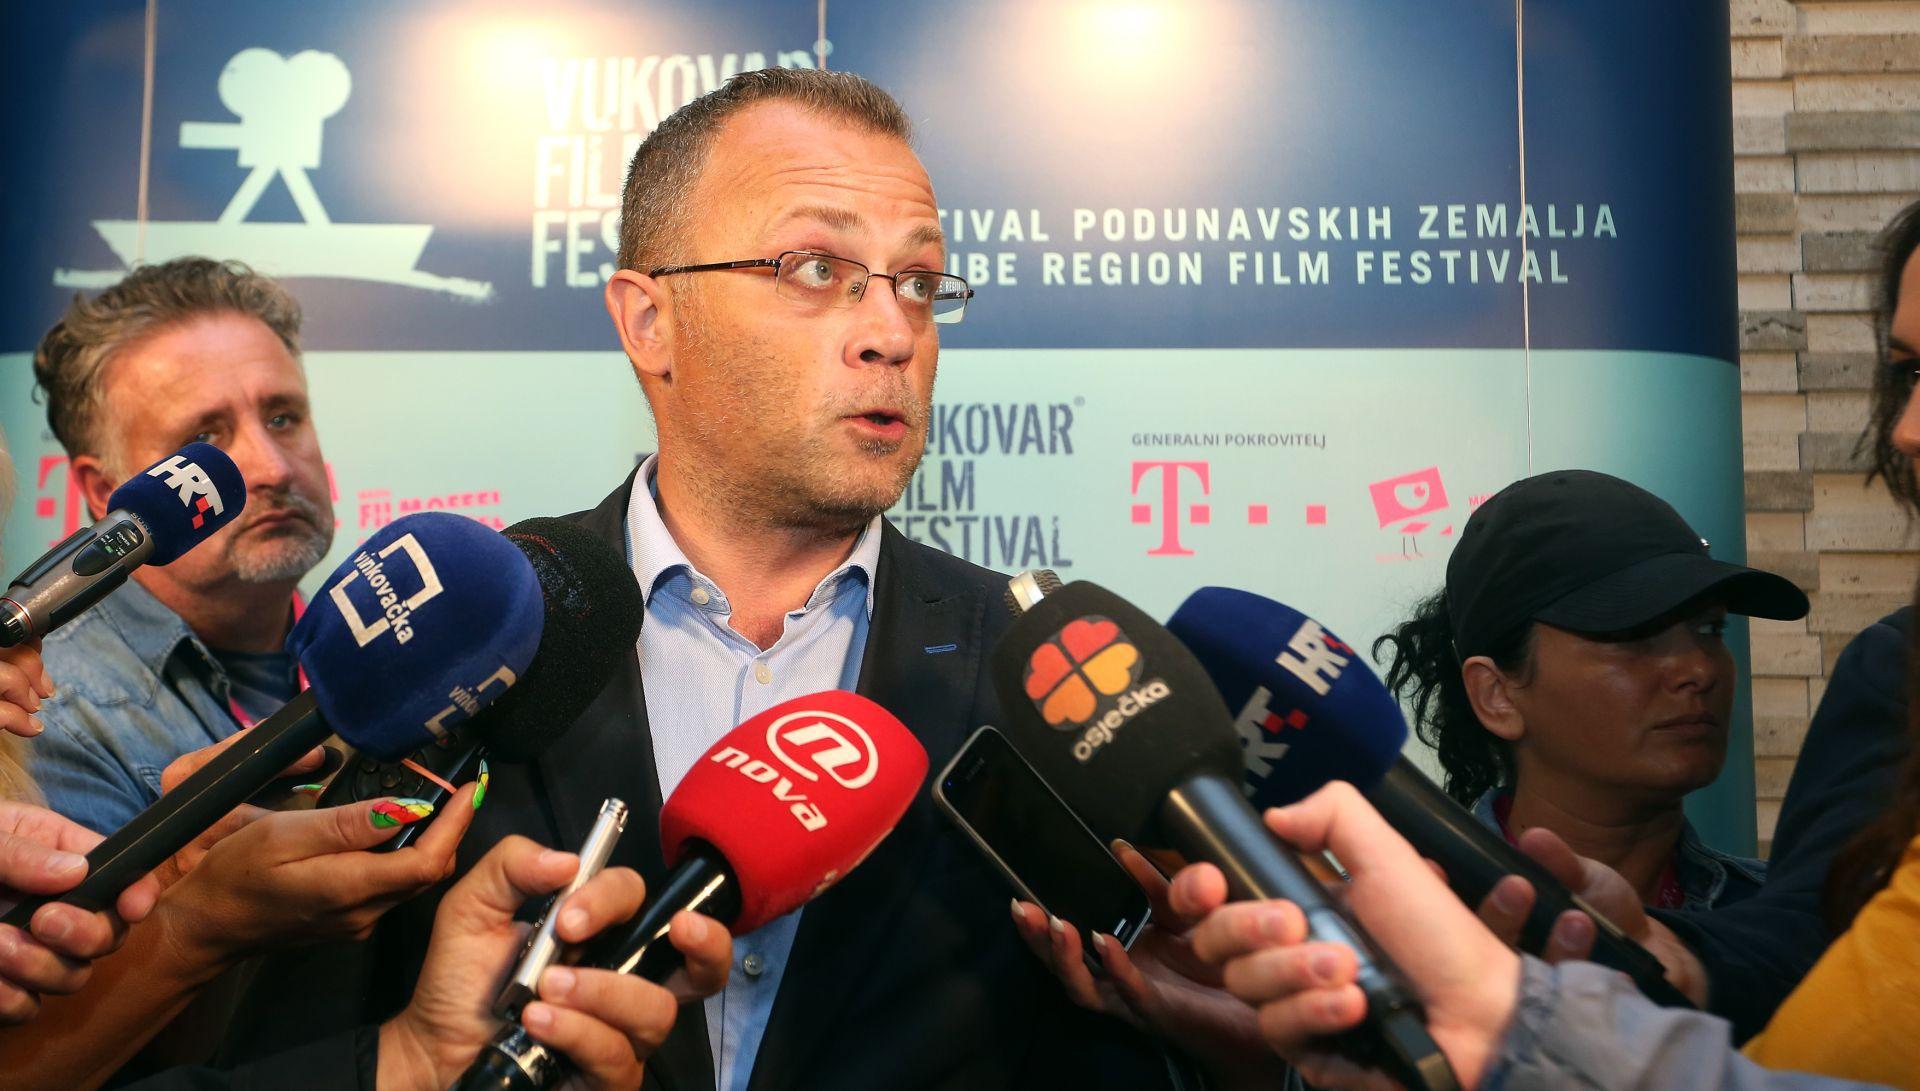 HAVC opovrgava Hasanbegovićevu izjavu o 'maćehinskom' odnosu prema VFF-u